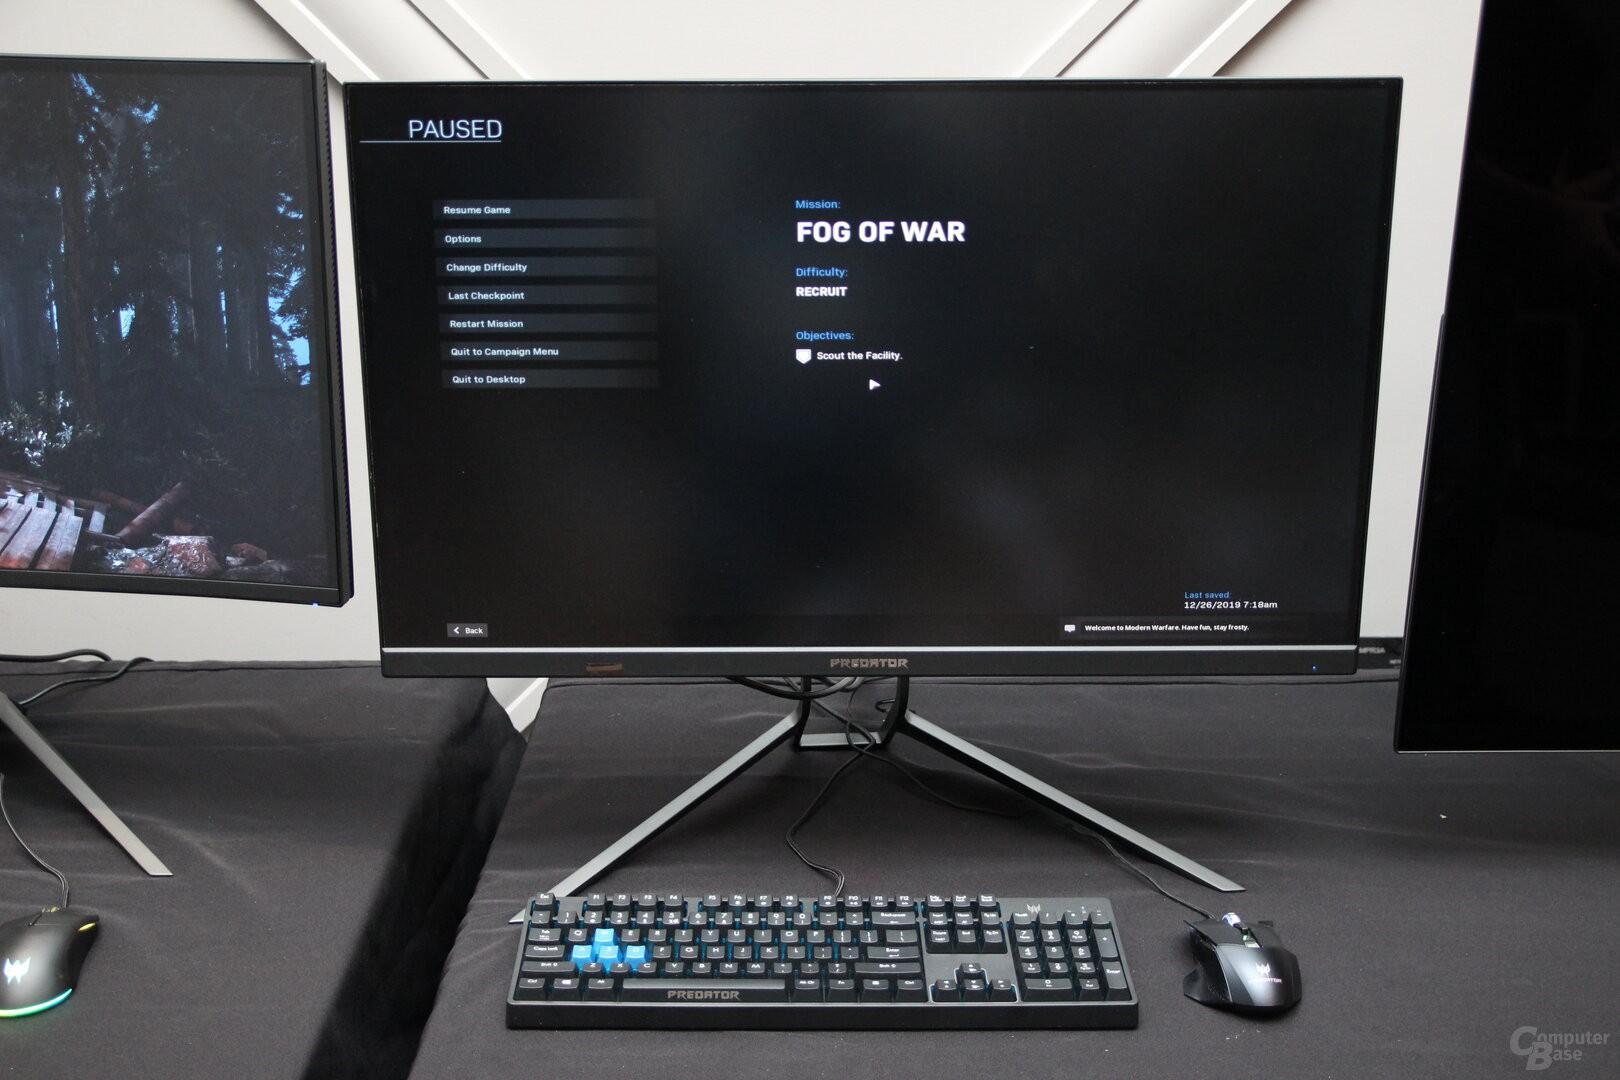 Acer giới thiệu loạt màn hình chơi game: 4K OLED, 55 inch, giá từ 2.999 USD Ảnh 2